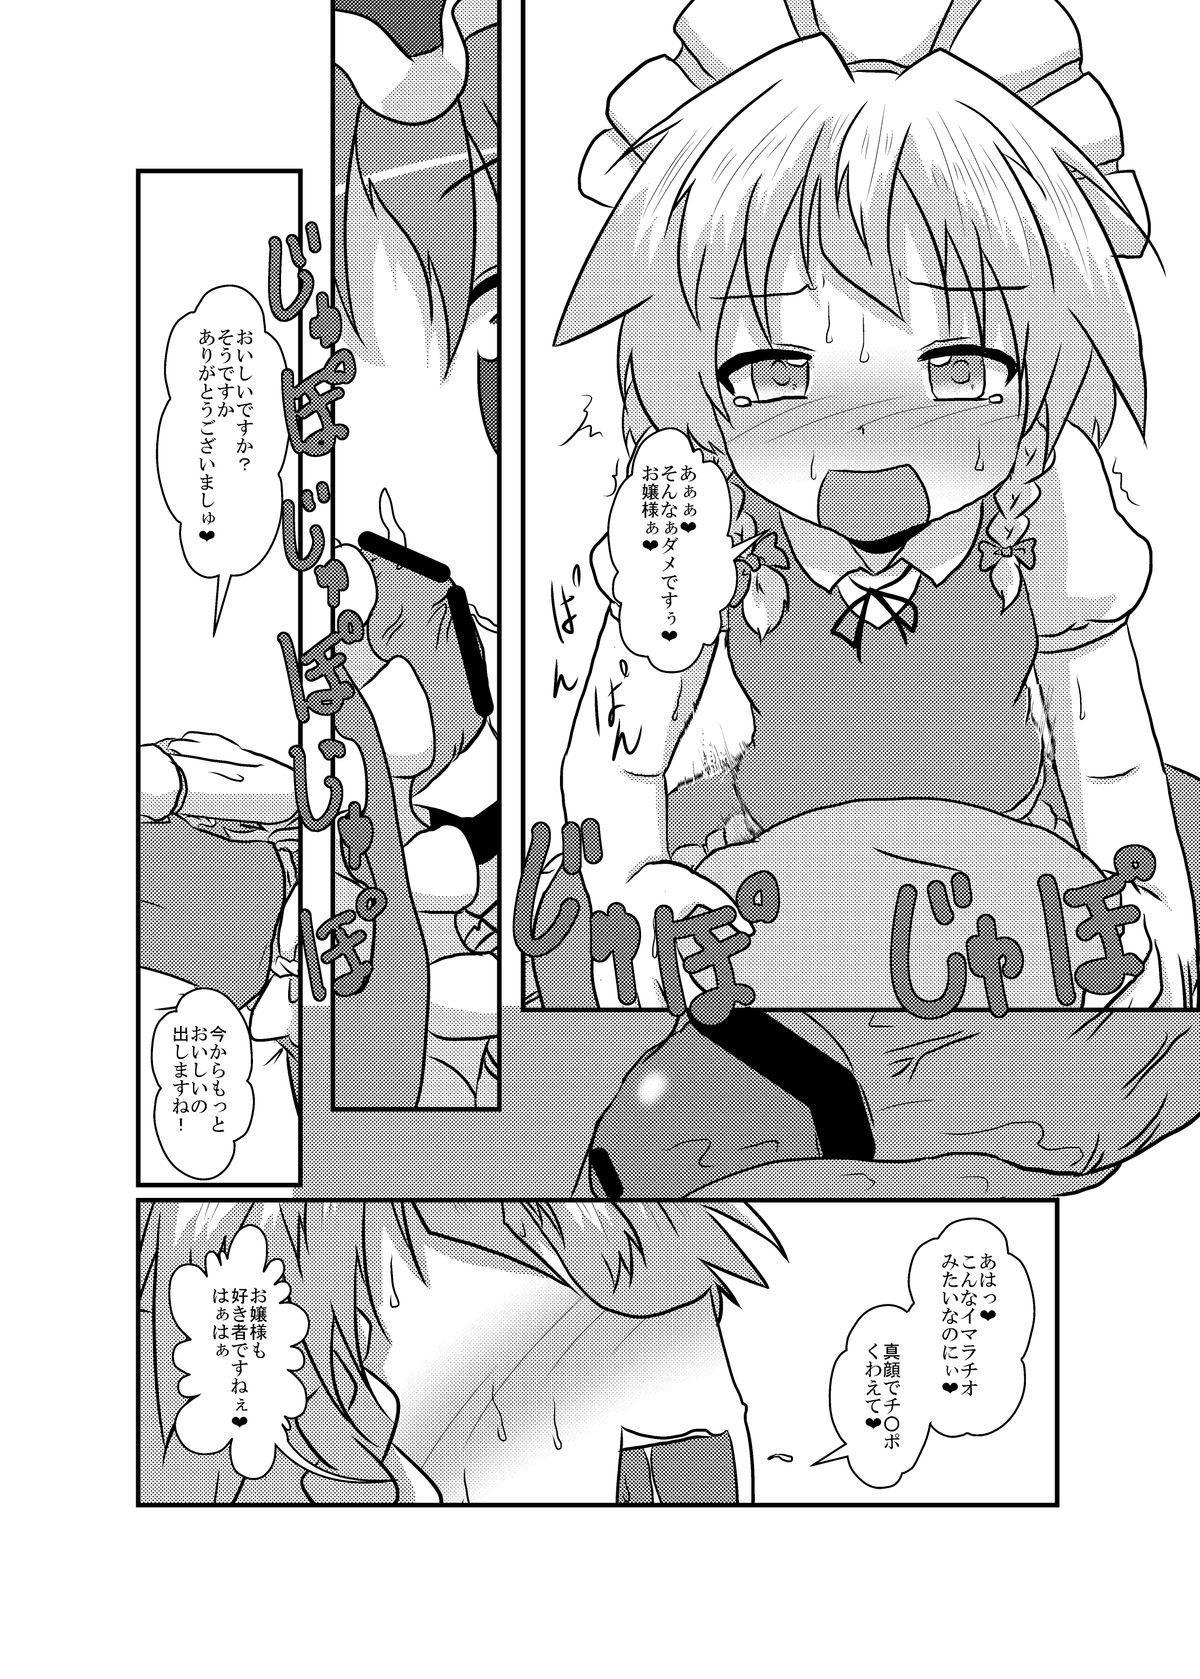 Sakuya-San no Haeteru Nichijou 27